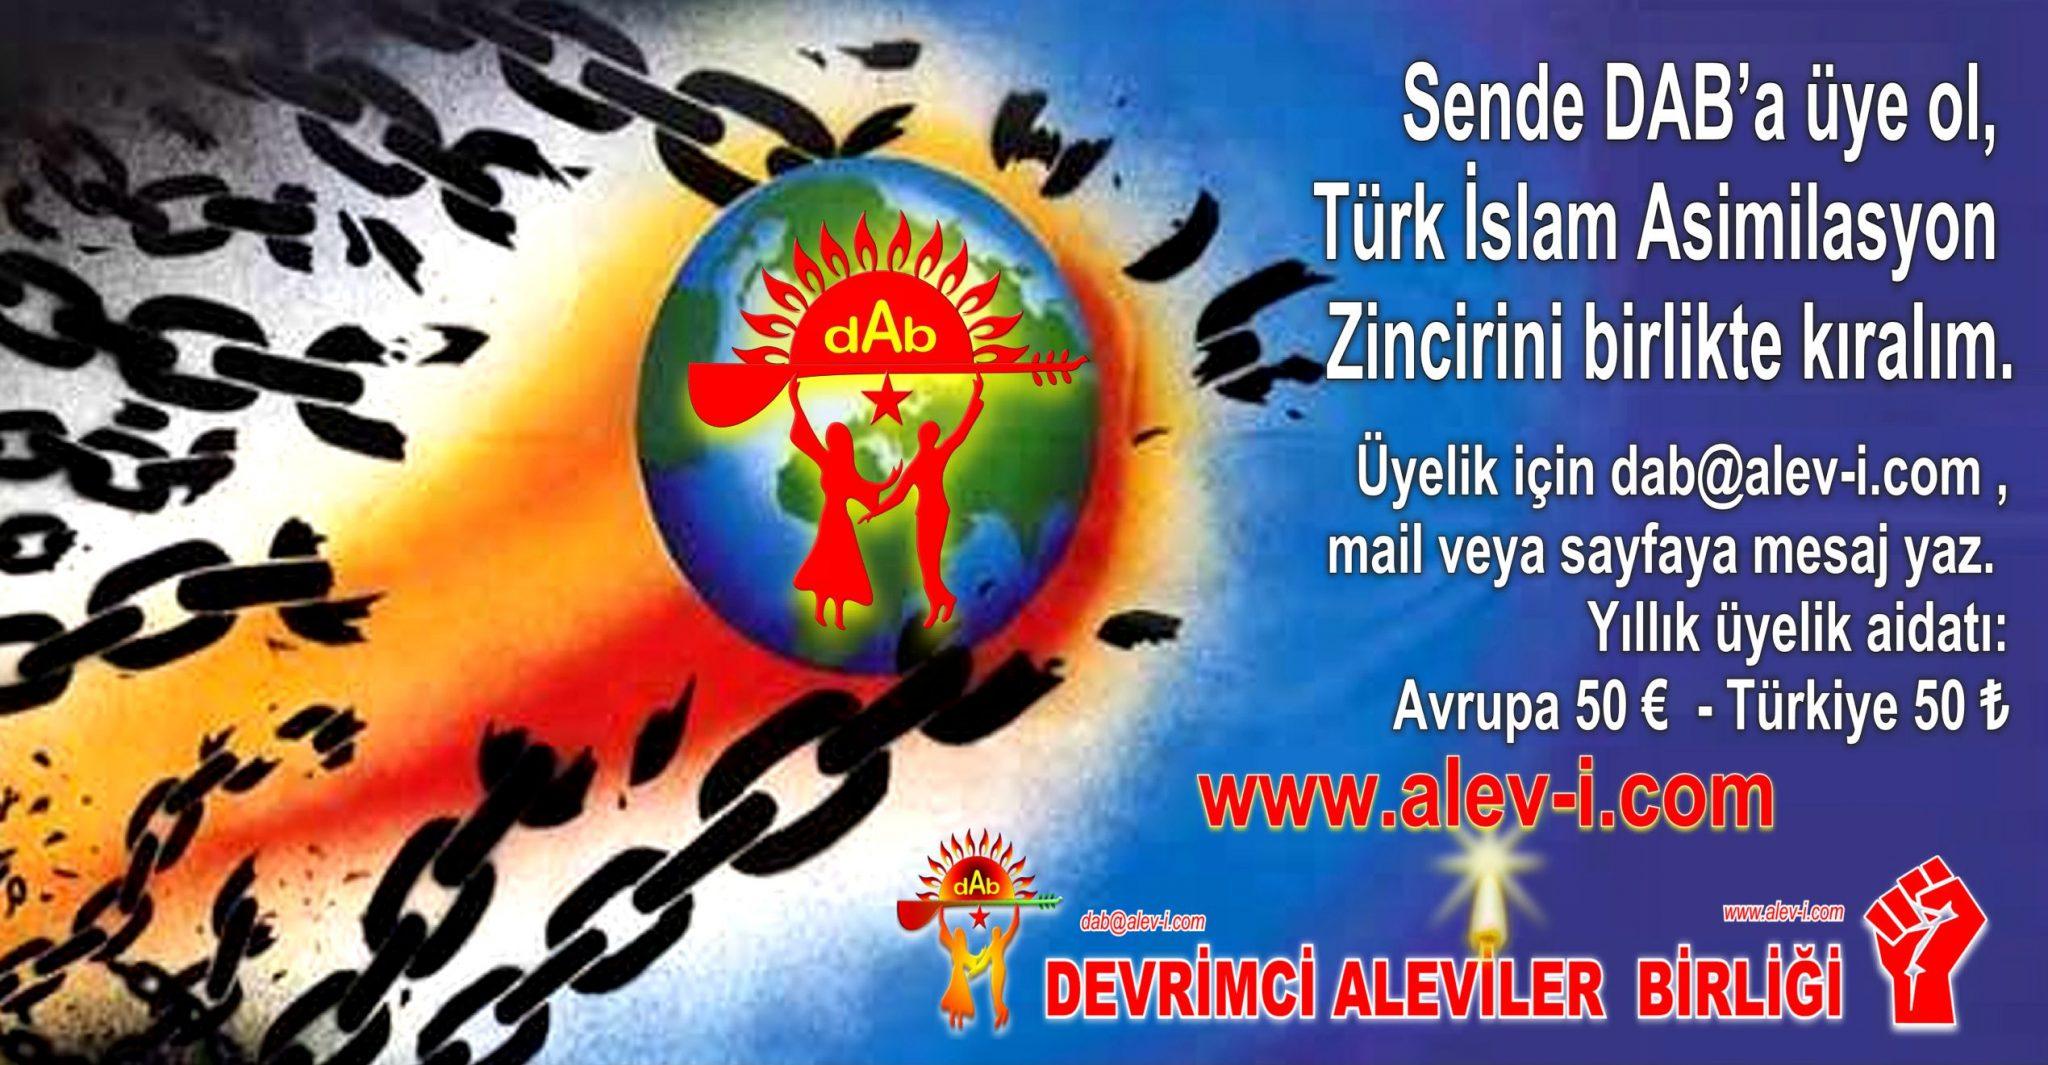 sende DAB a uye ol  Turk Islan asimilasyonu kiralim